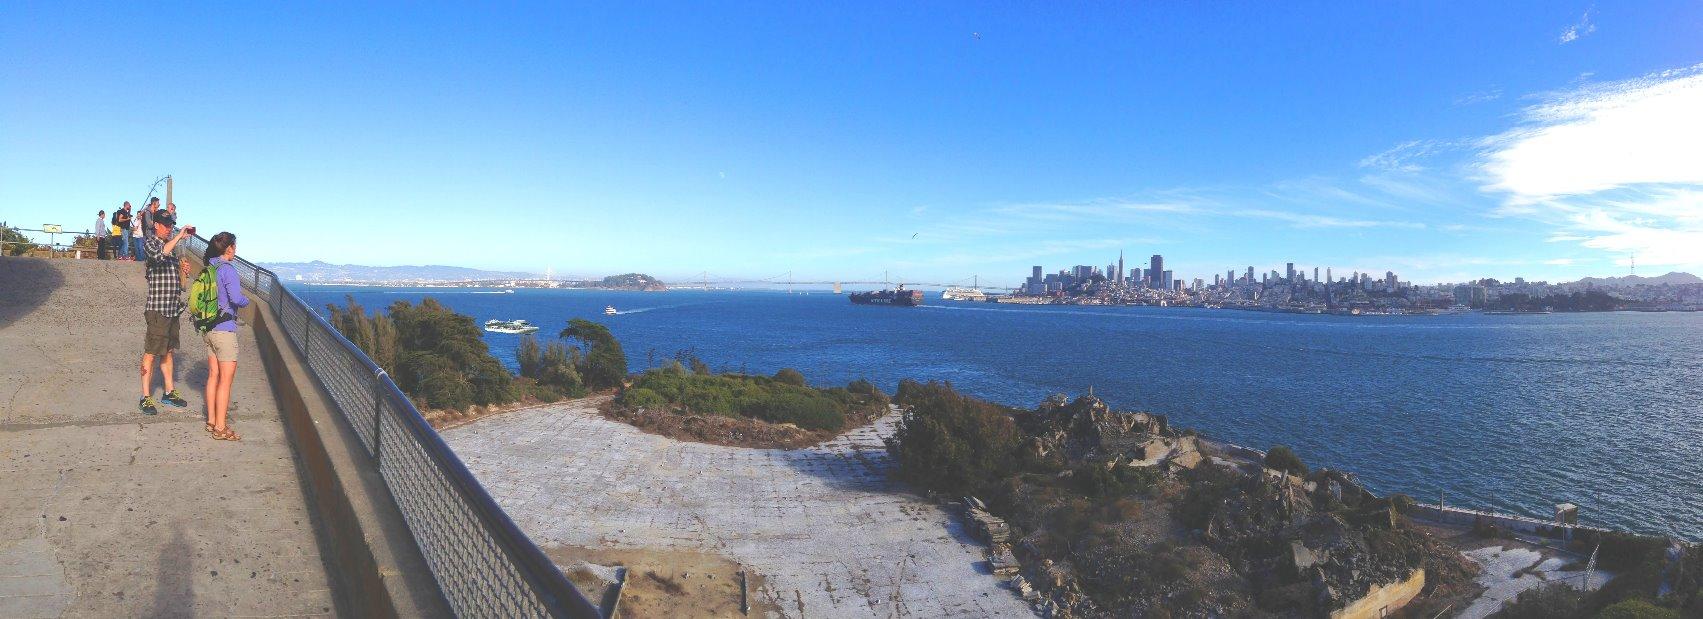 visite_la_prisión_de_la_isla_de_Alcatraz_excursiones_de_un_día_con_los_boletos_de_ferry_de_alcatraz